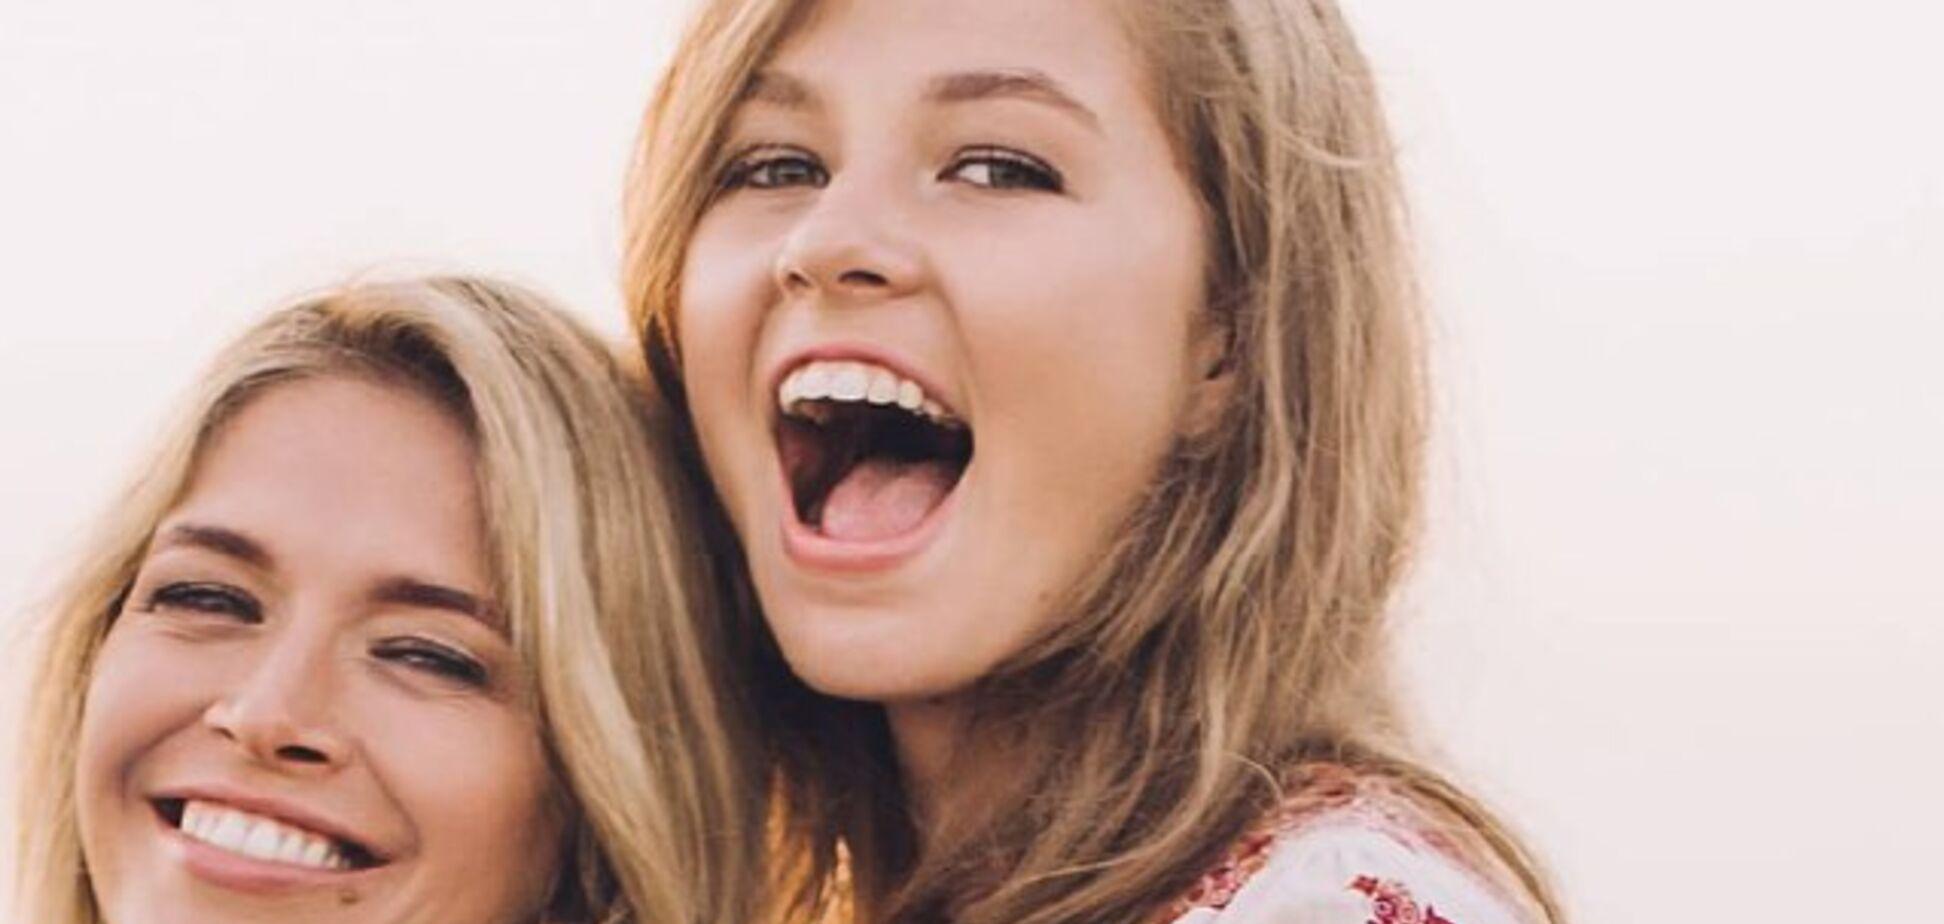 Превзошла маму: как сейчас выглядит 19-летняя дочь Брежневой Соня Киперман